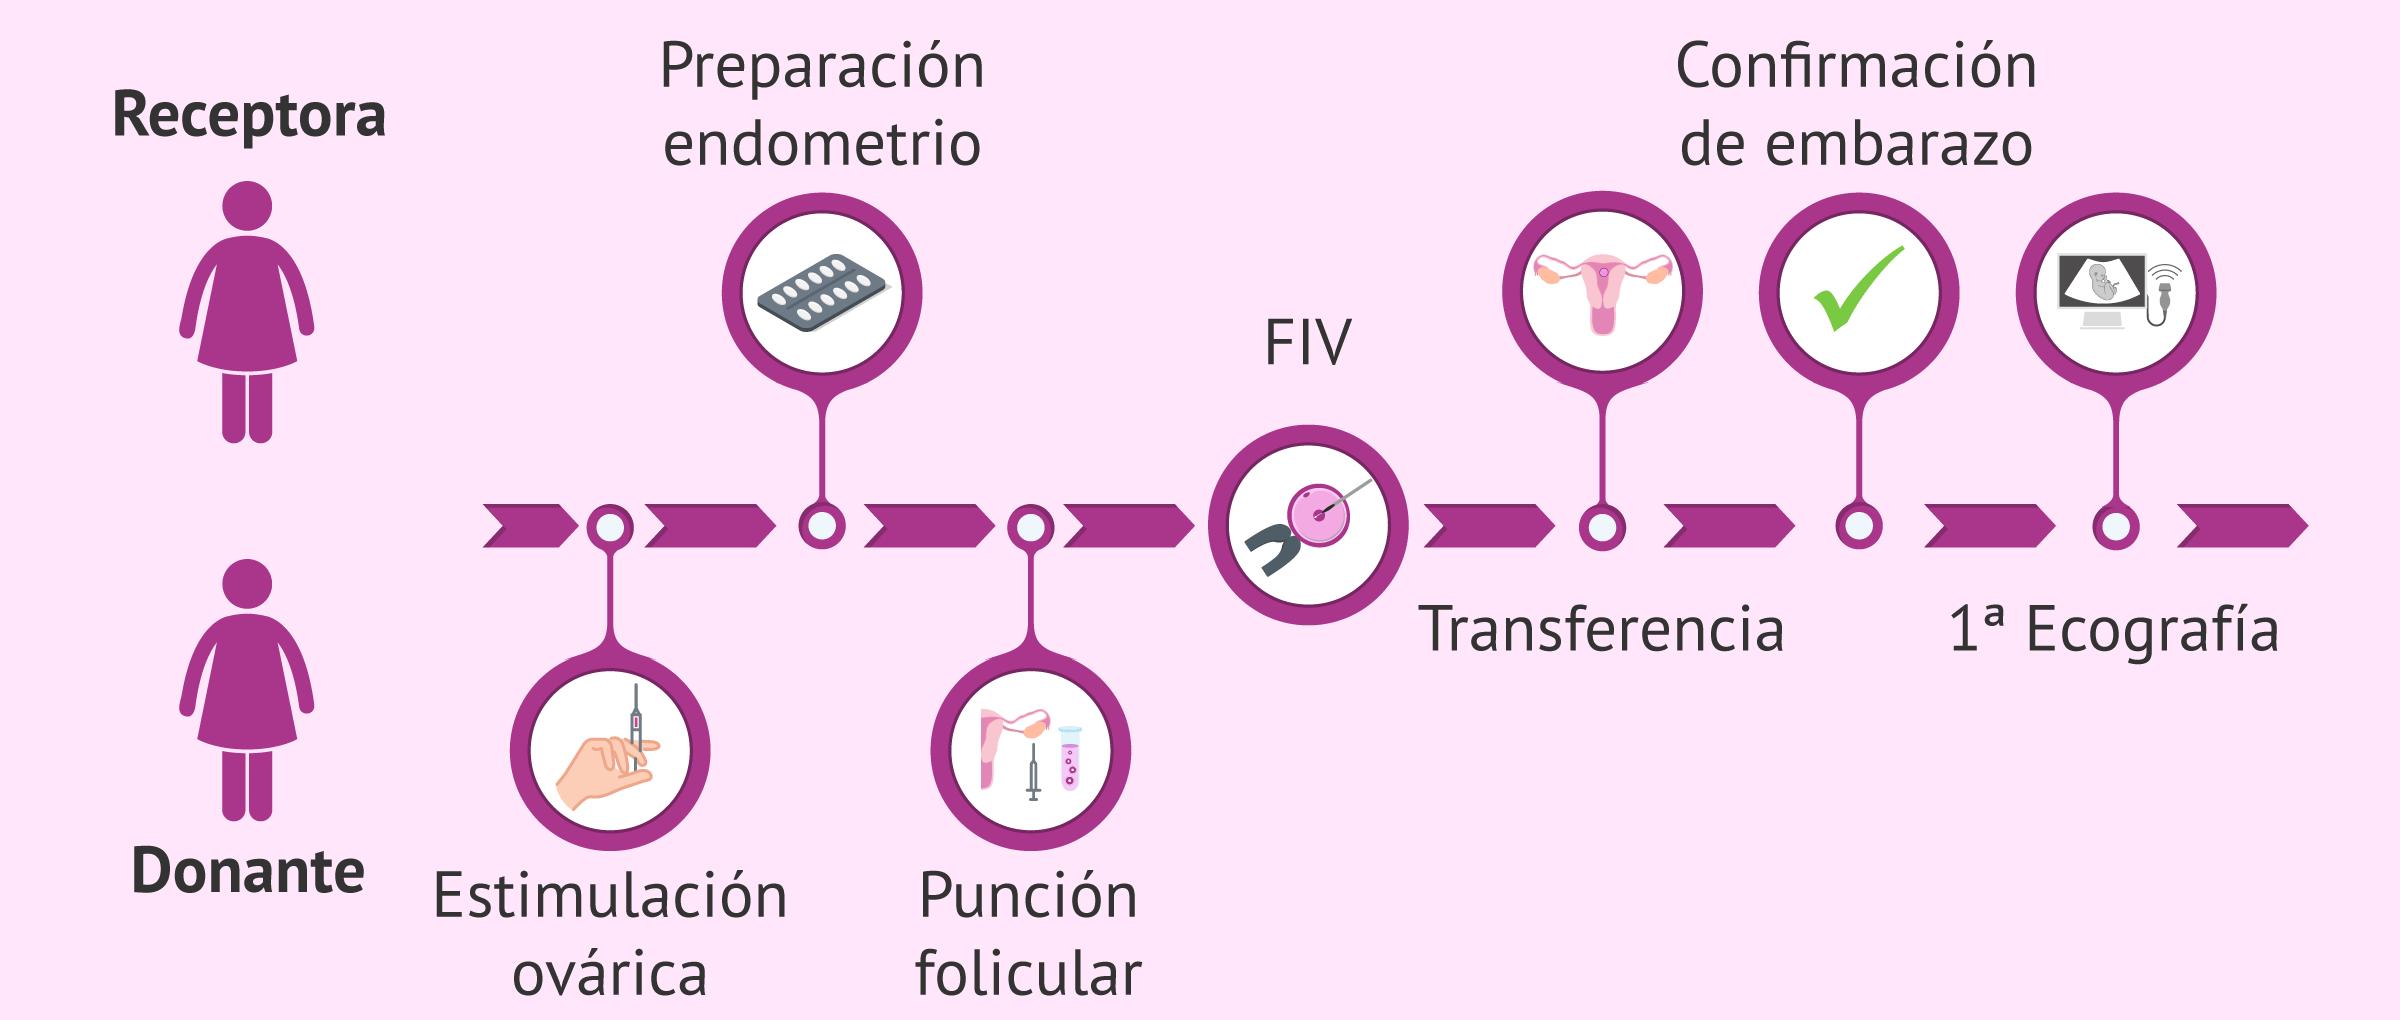 Pasos de la ovodonación